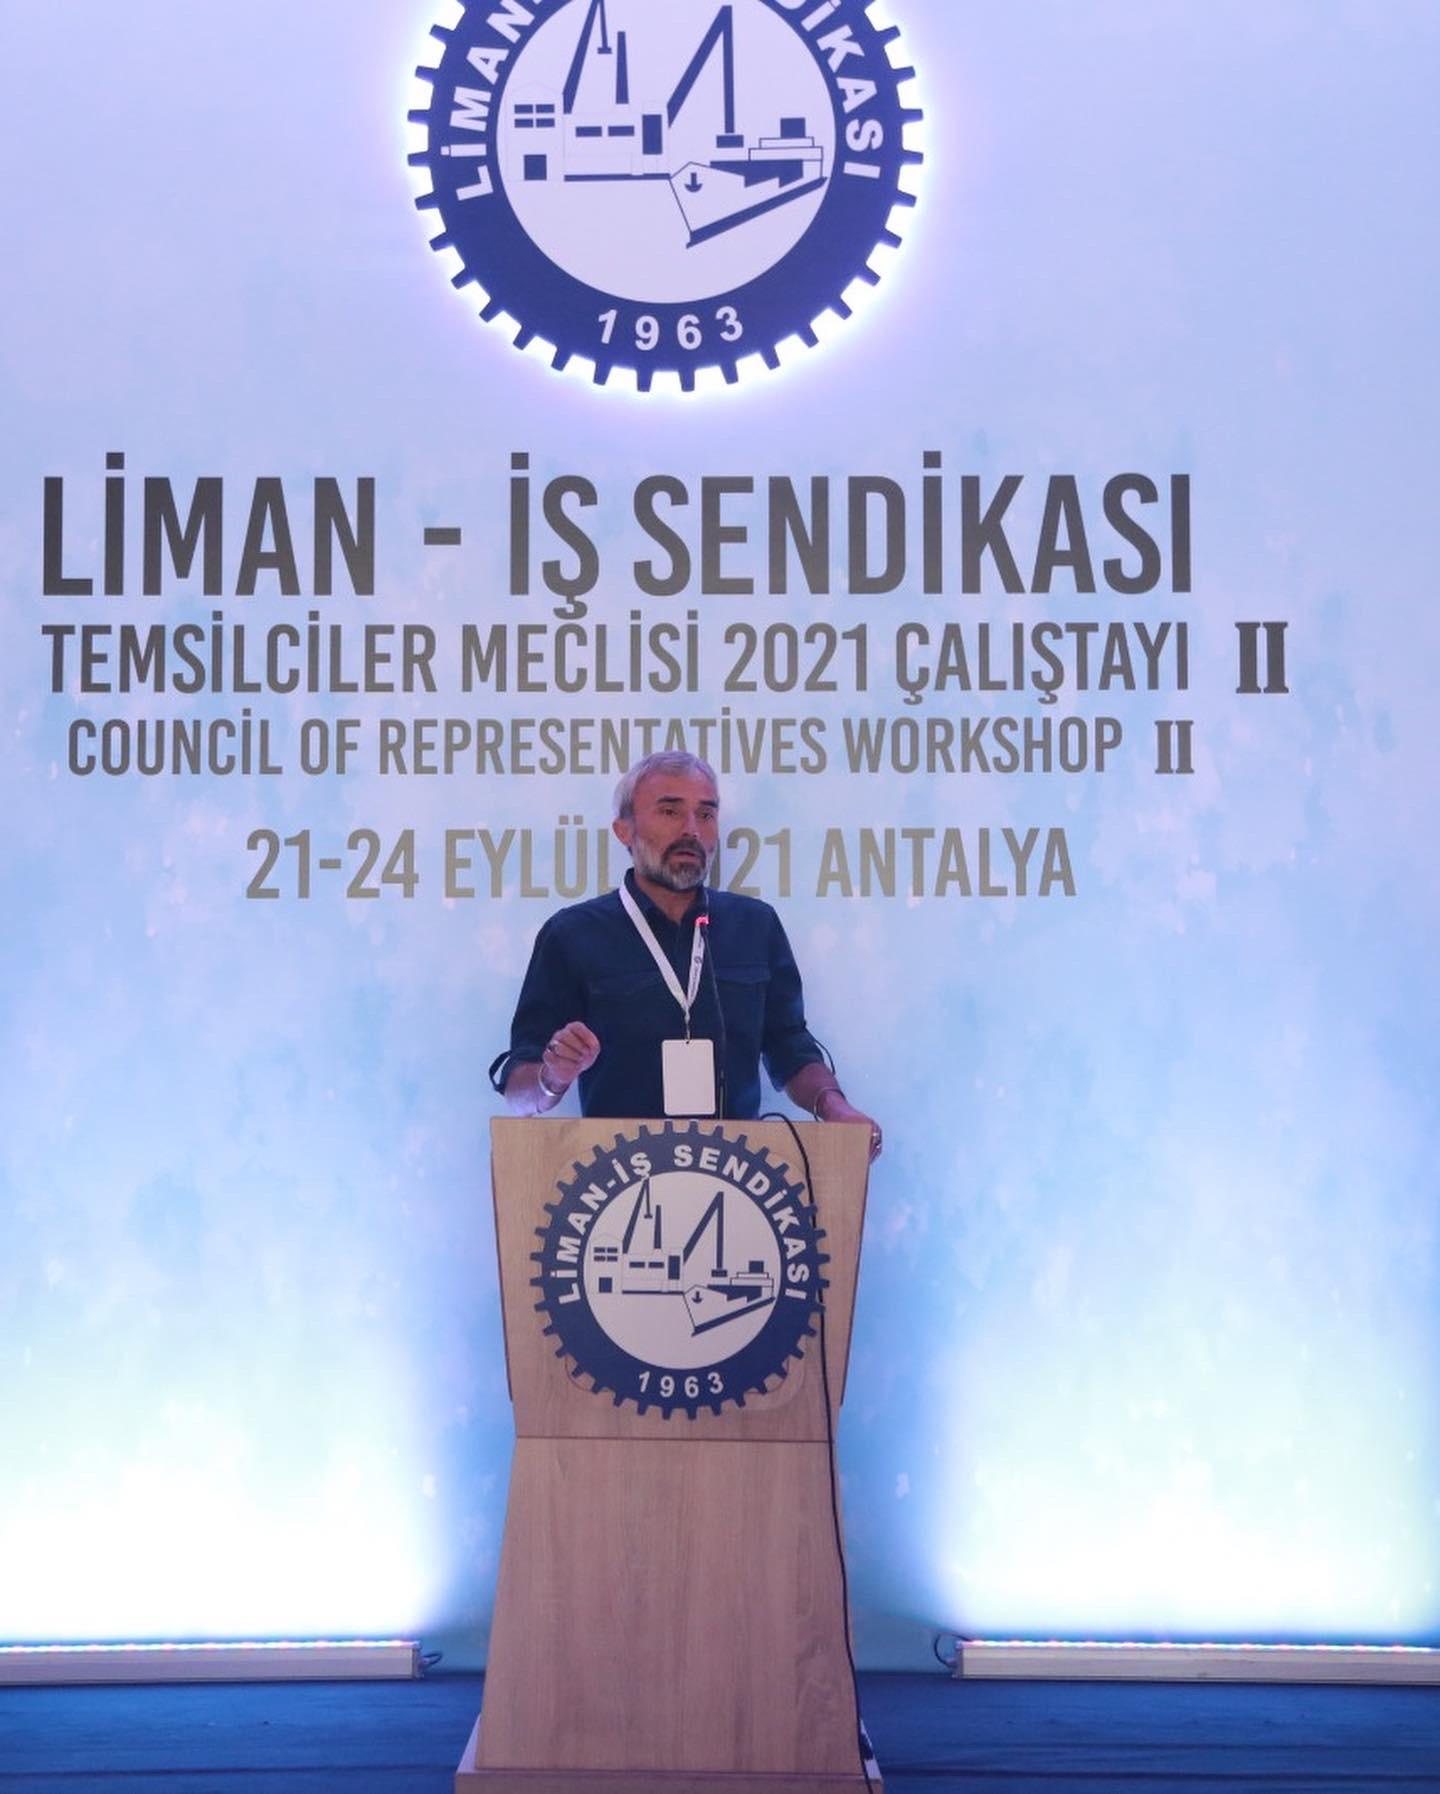 Antalya'da 21-24 Eylül tarhileri arası gerçekleşecek olan Temsilciler Meclisi Çalıştayı 2. Oturumu Genel Başkanımız Sayın Önder Avcı'nın açılış konuşması ile başladı. Temsilciler meclisi çalıştayımızın sonuçları üyelerimizle paylaşılacaktır. Temsilcilerimizin çalışmalarından görselleri paylaşmaya devam edeceğiz.  #birliktegüçlüyüz #Temsilcilermeclisiçalıştayı2021